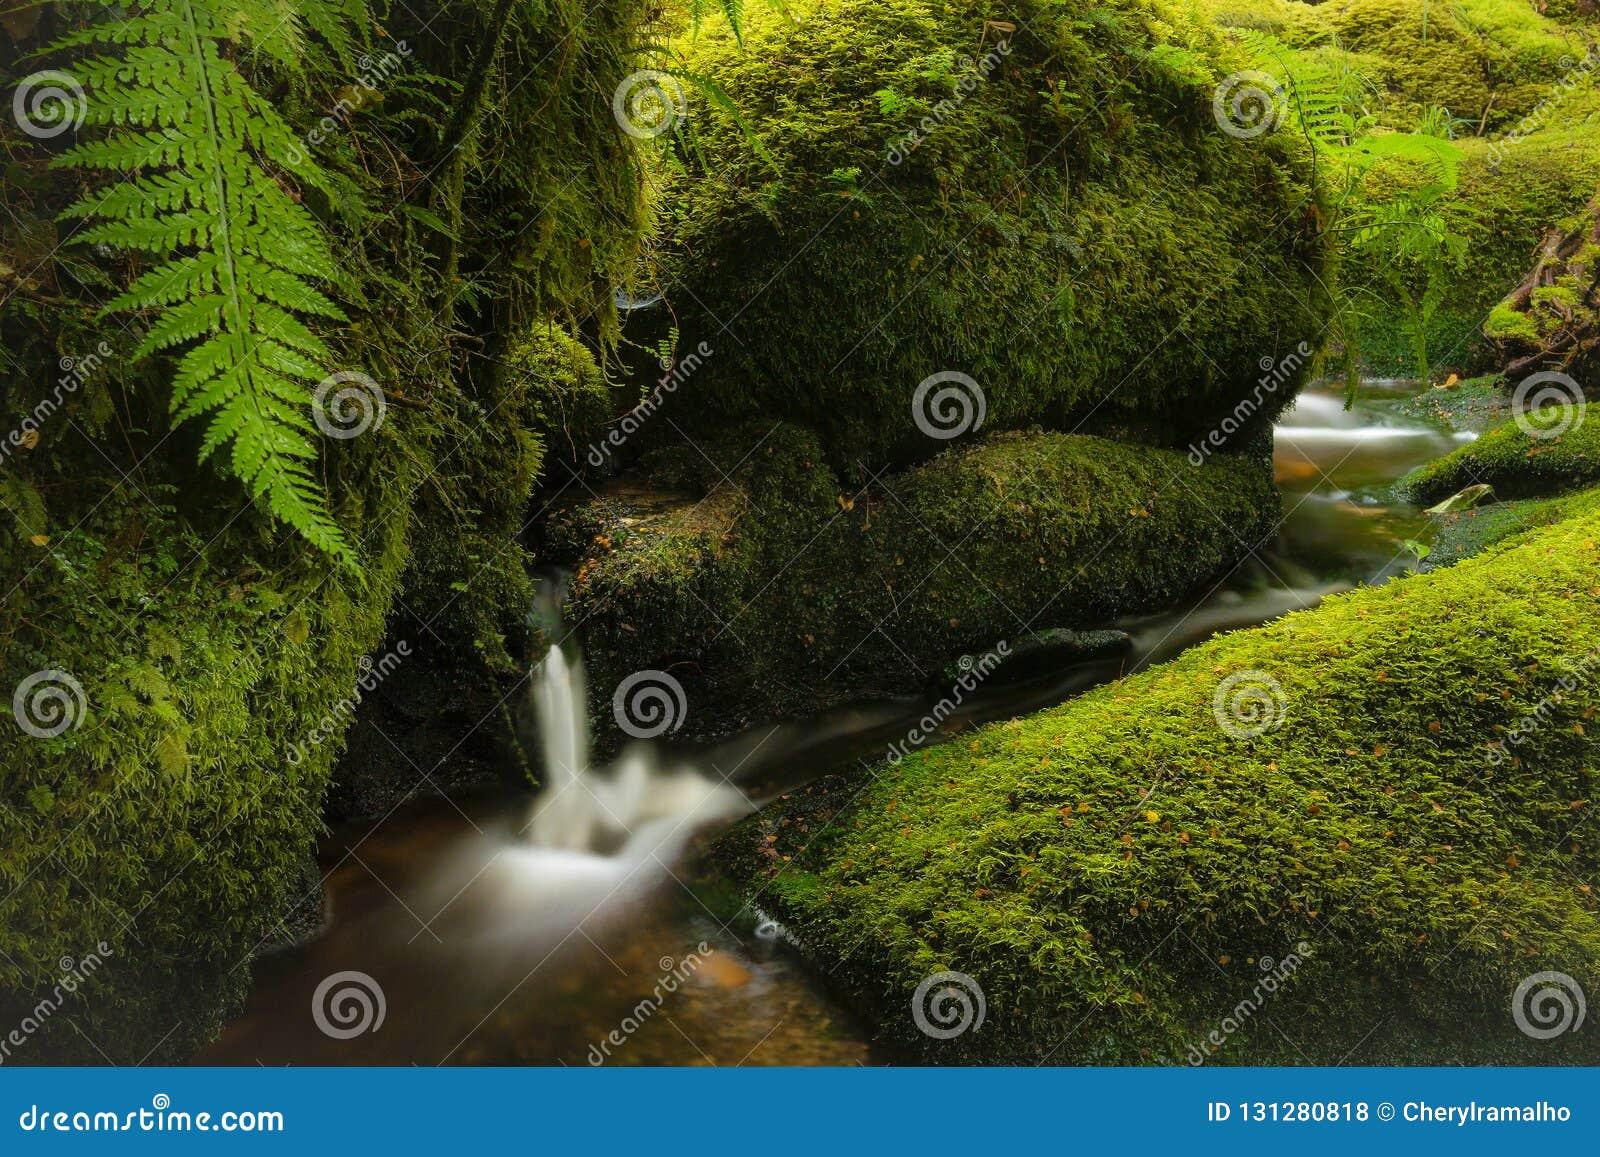 Una scena graziosa della foresta con una piccole cascata e corrente circondate da muschio e dalle felci verdi fertili